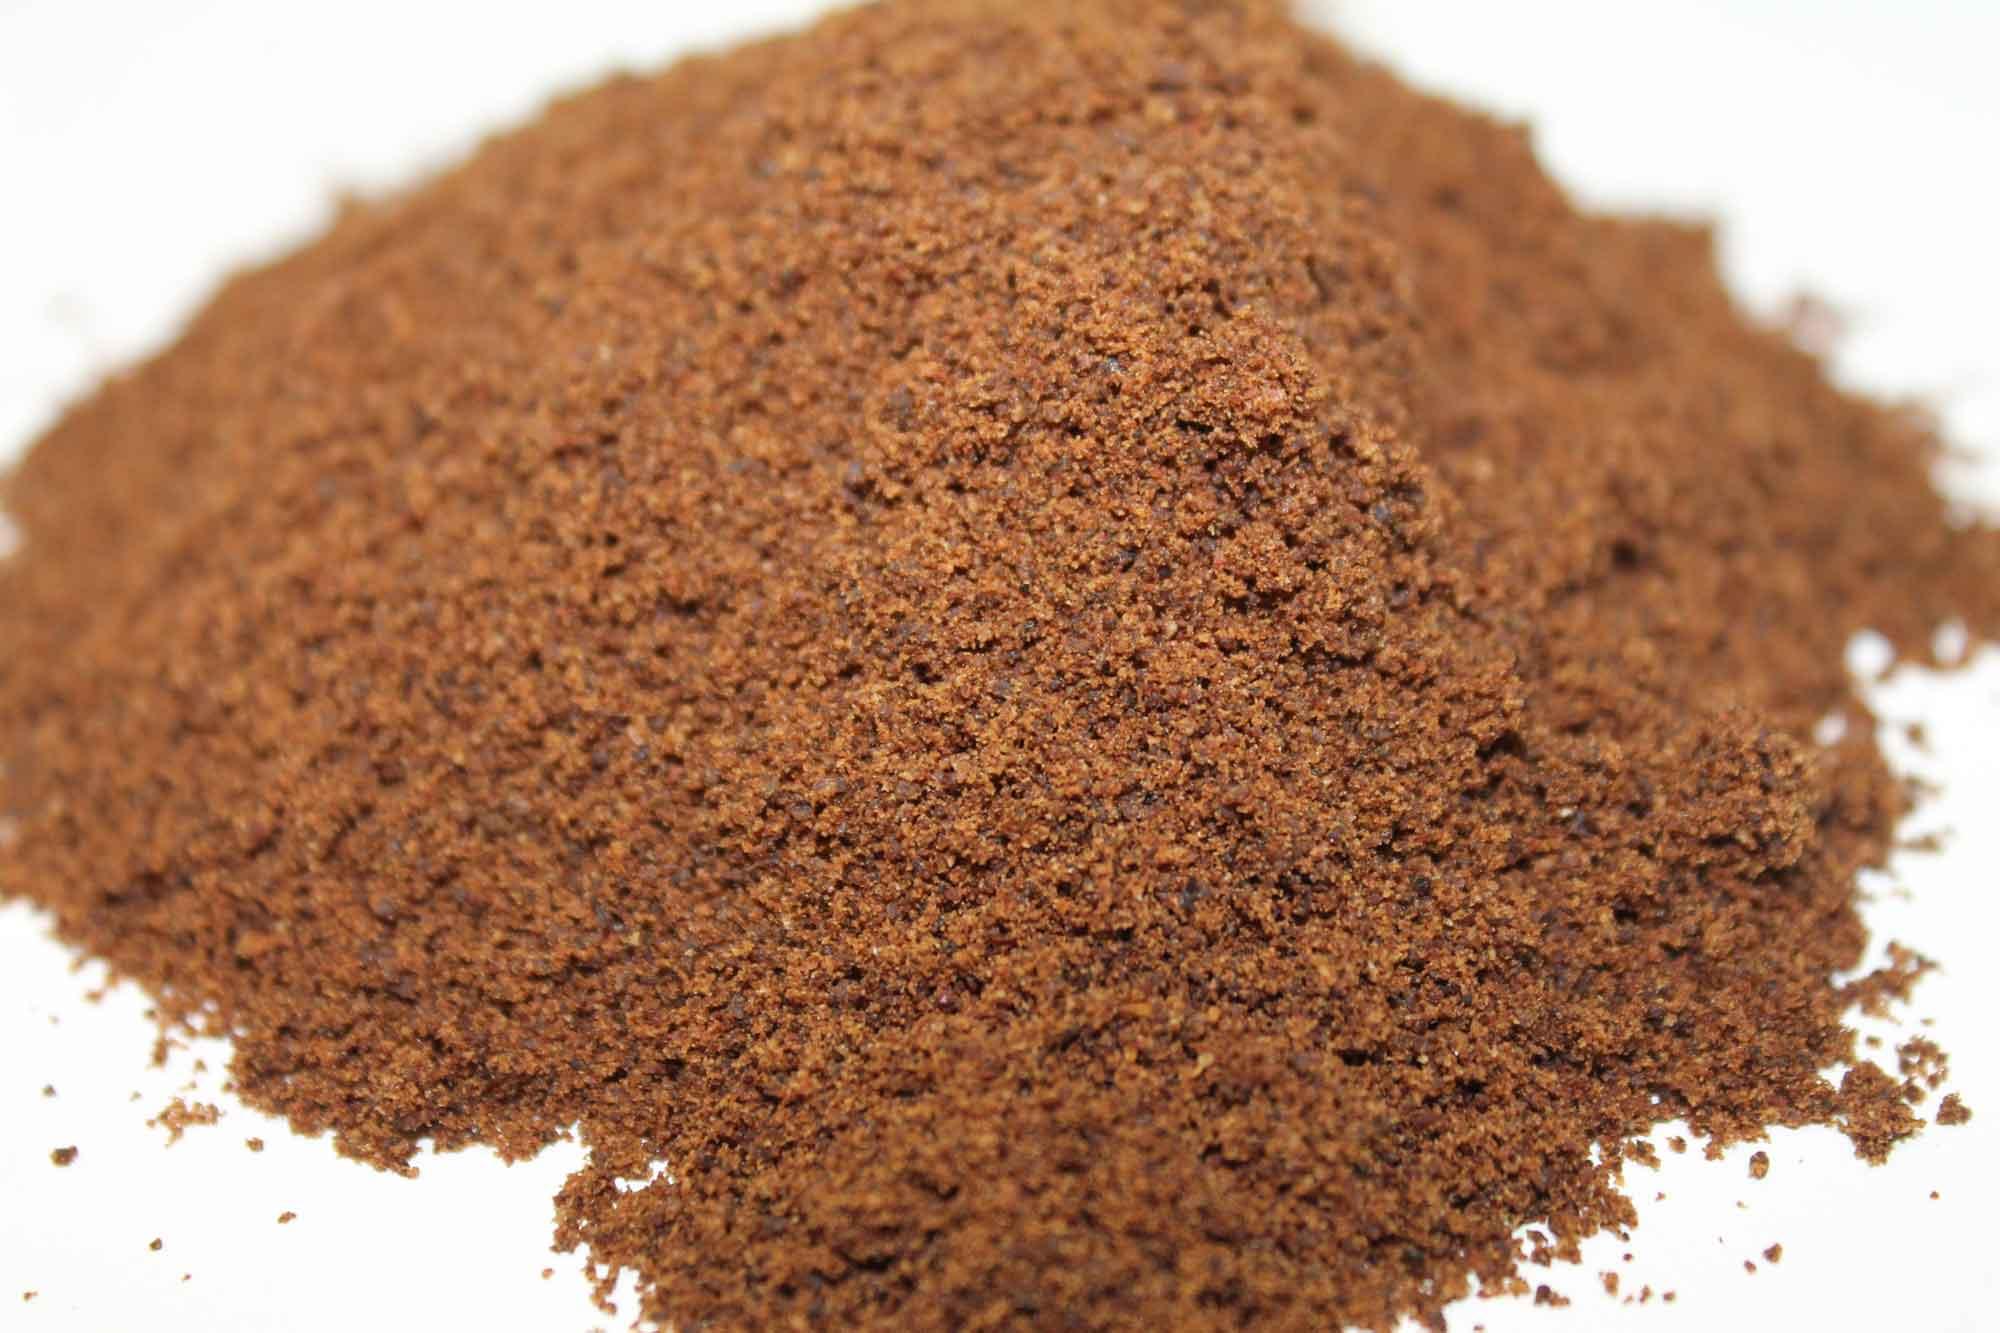 Harina de semilla de oliva, una solución natural para los productos sin gluten.